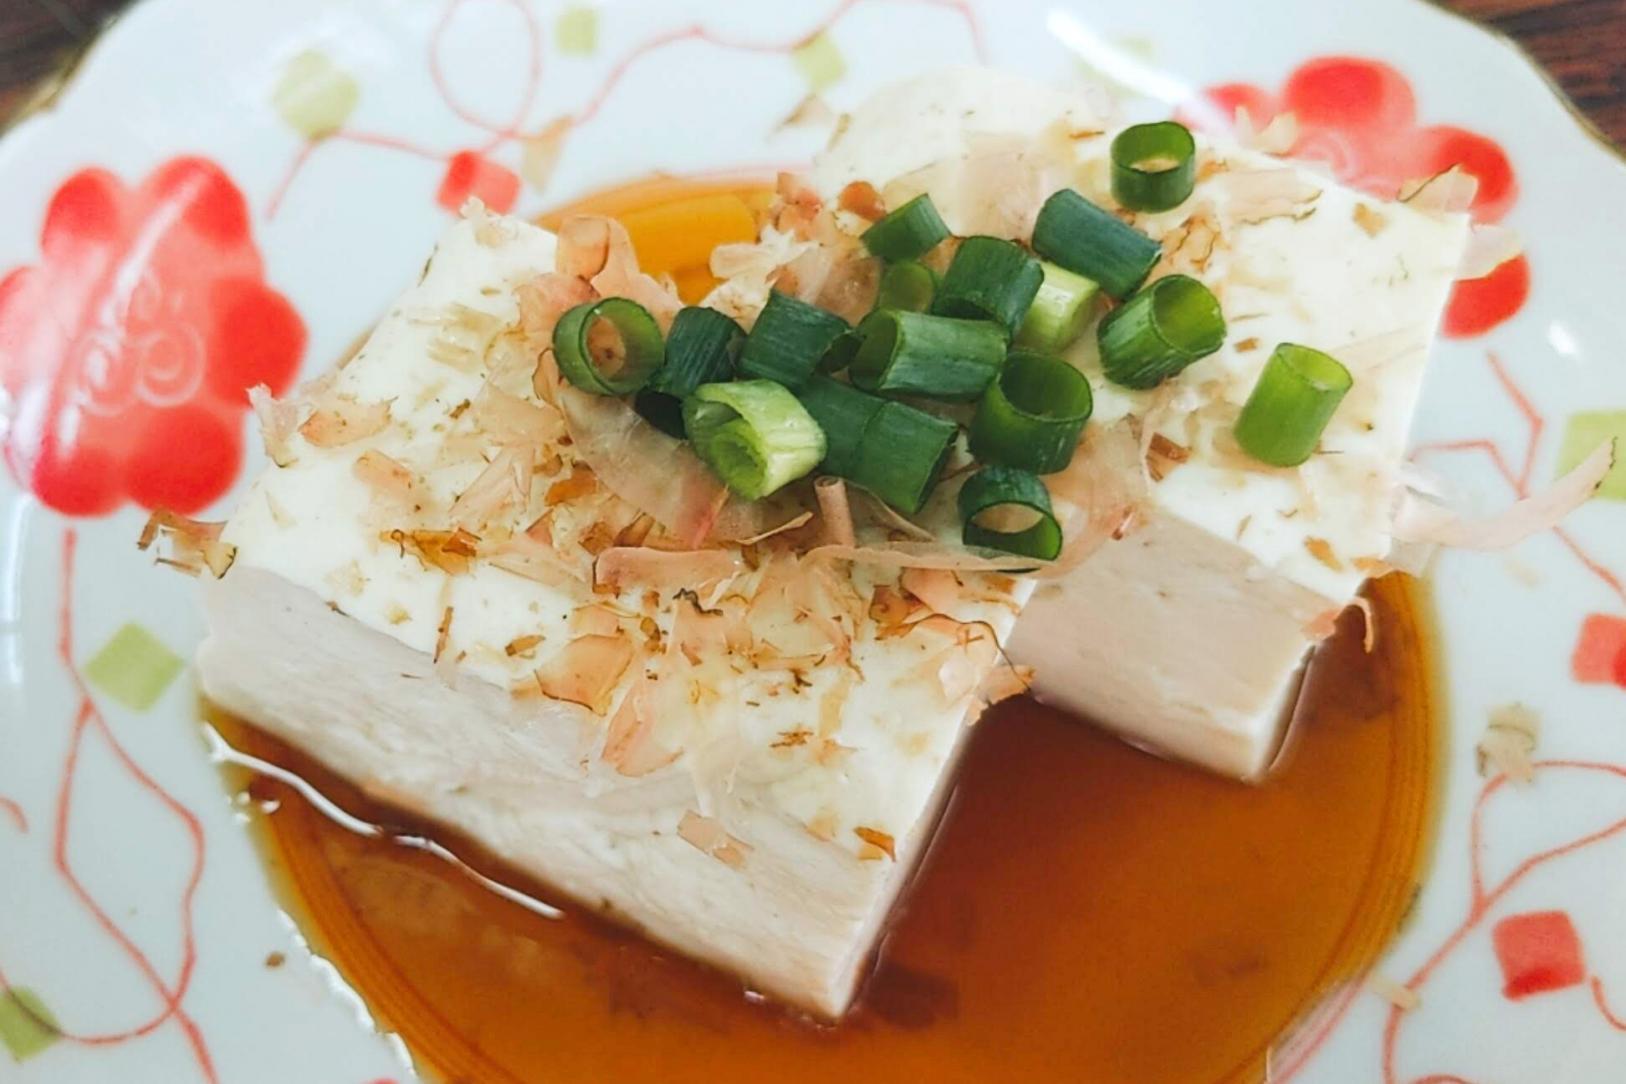 豆腐屋さんに聞く、壱州豆腐のおいしい食べ方三選!-1